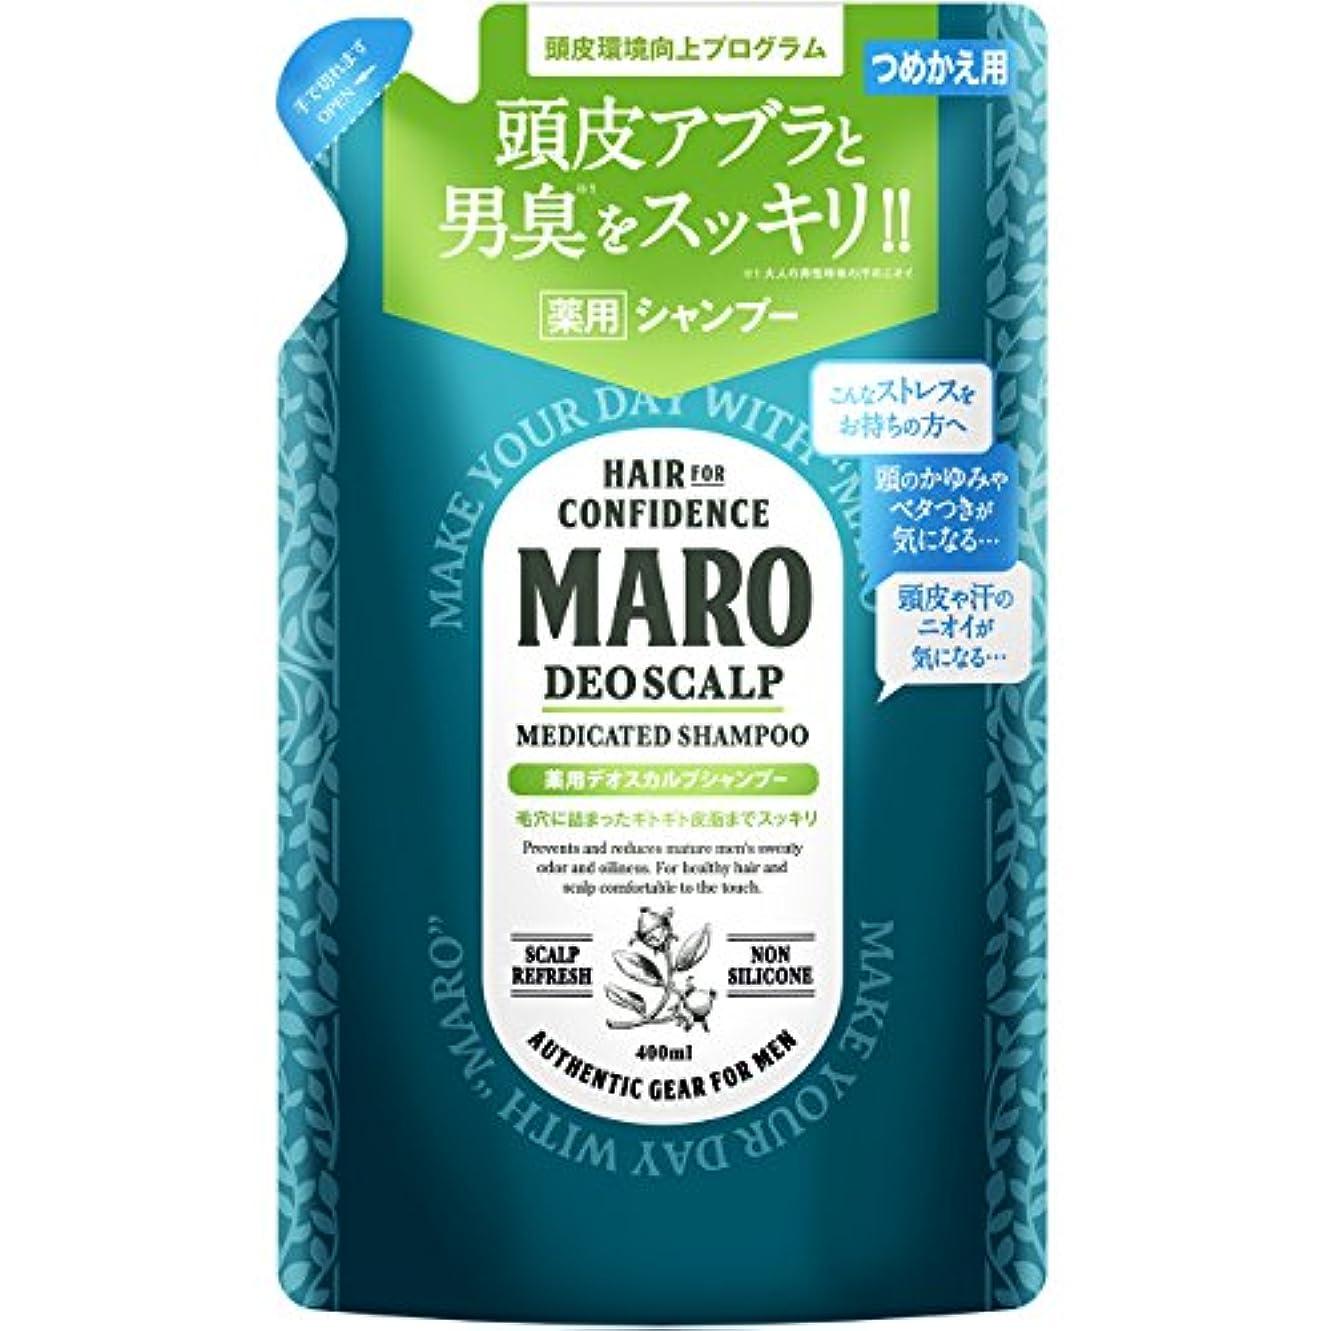 有益何でも熟読するMARO 薬用 デオスカルプ シャンプー 詰め替え 400ml 【医薬部外品】